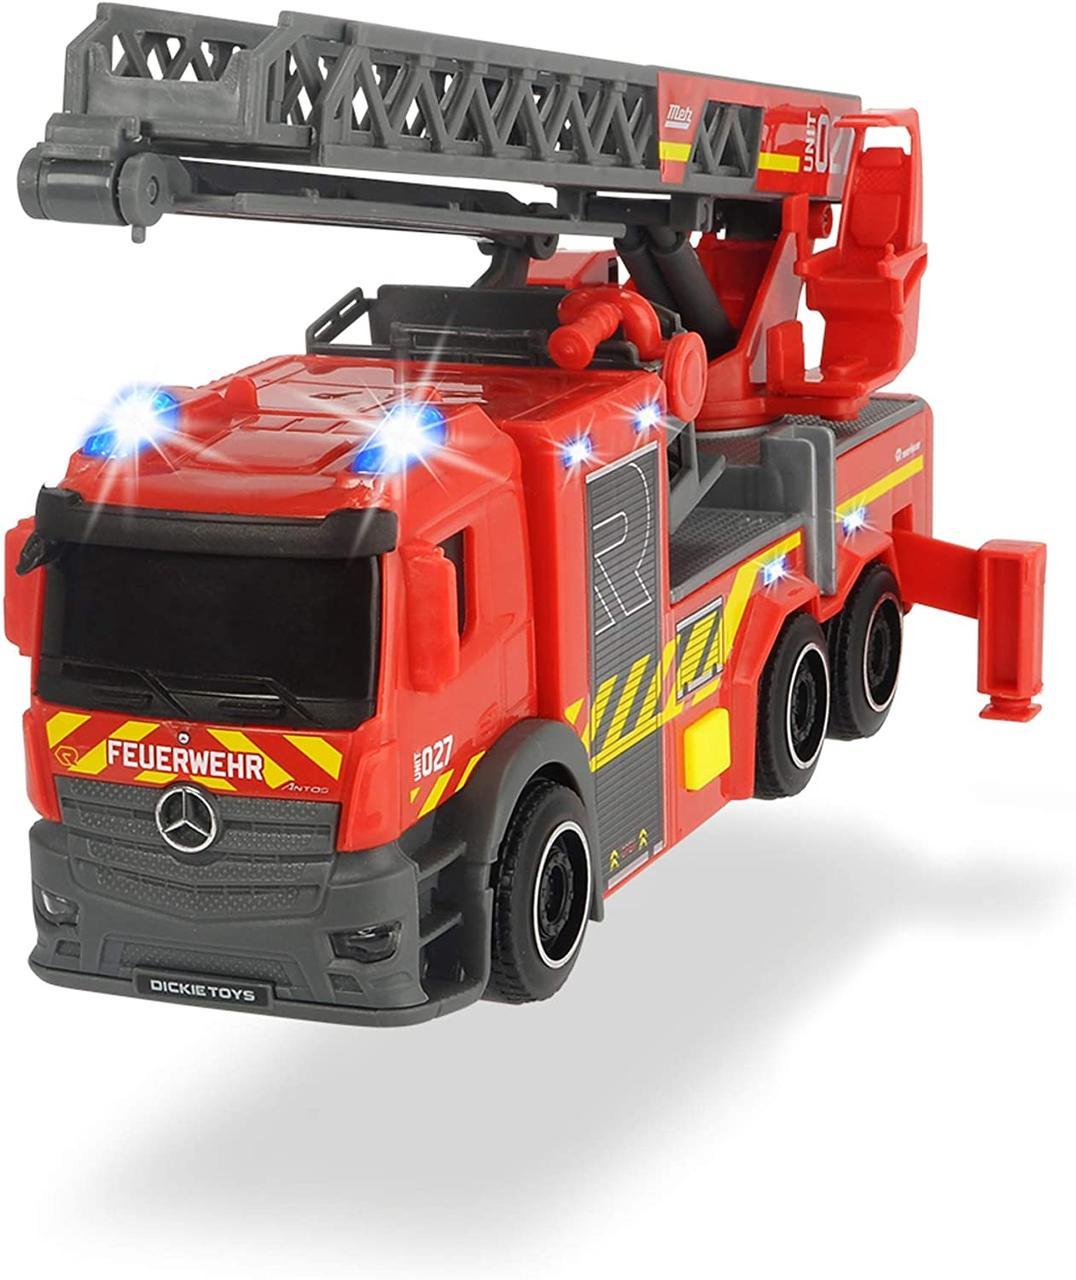 Пожарная машина Мерседес с телескопической лестницей, 23 см, 3714011